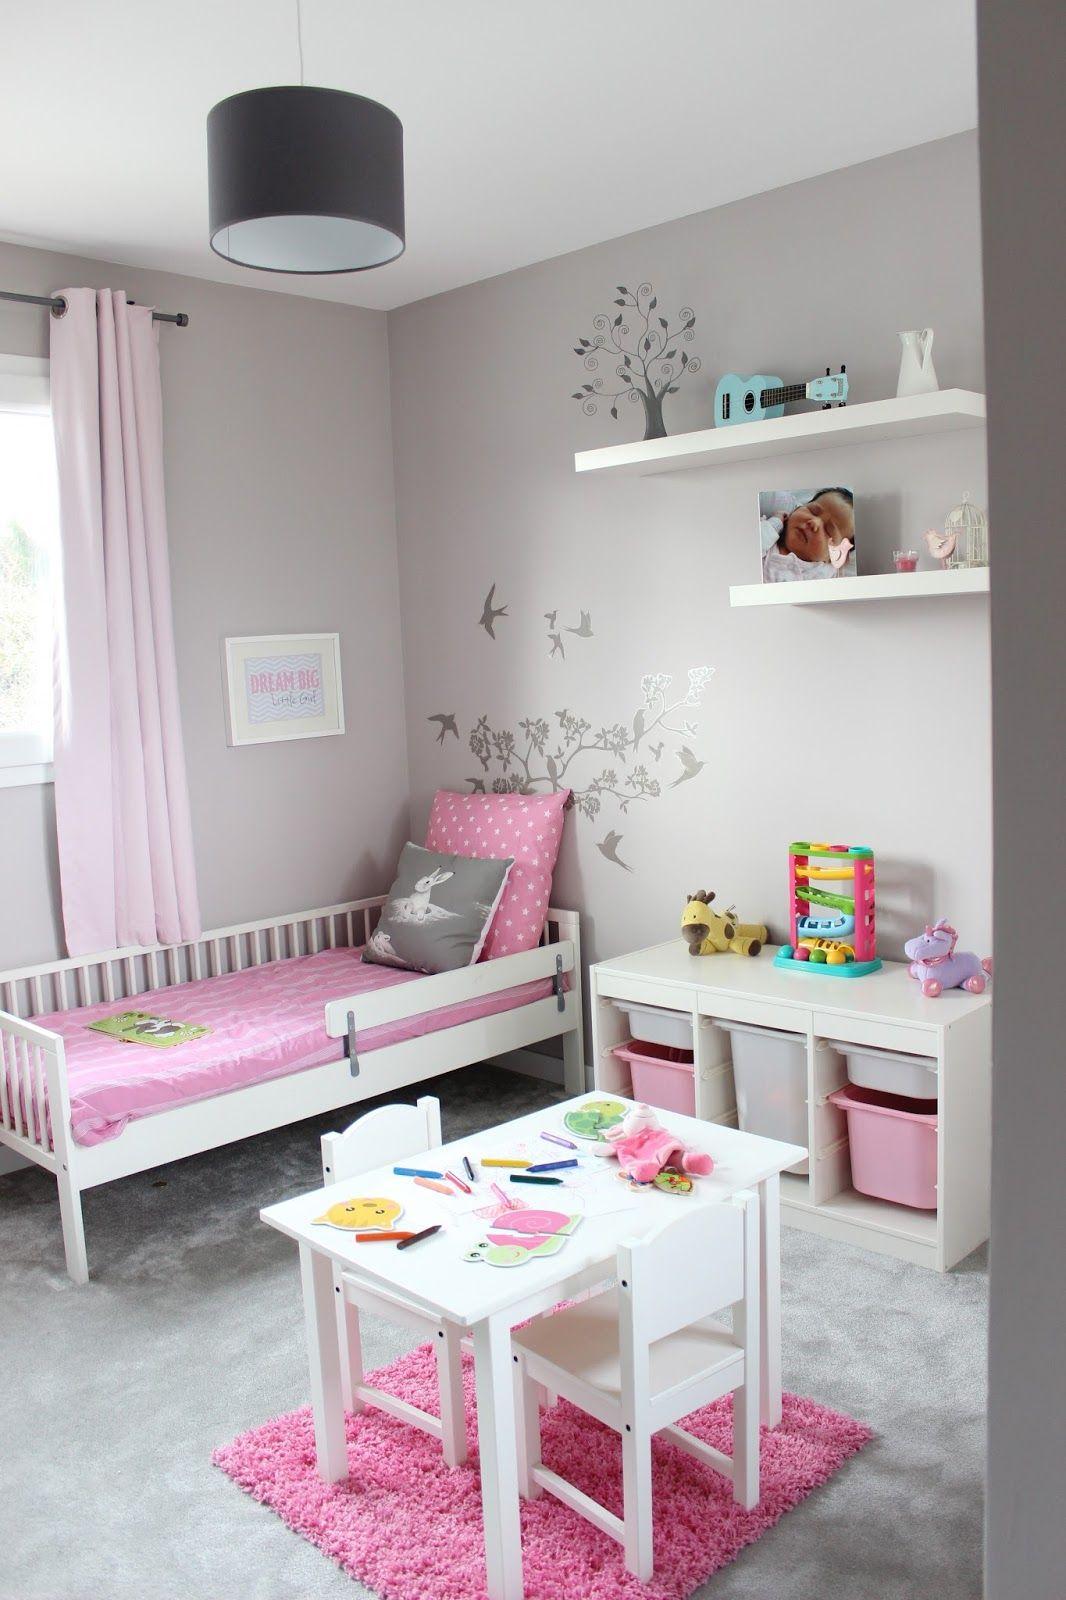 Chambre de petite fille  Deco chambre fillette, Deco chambre